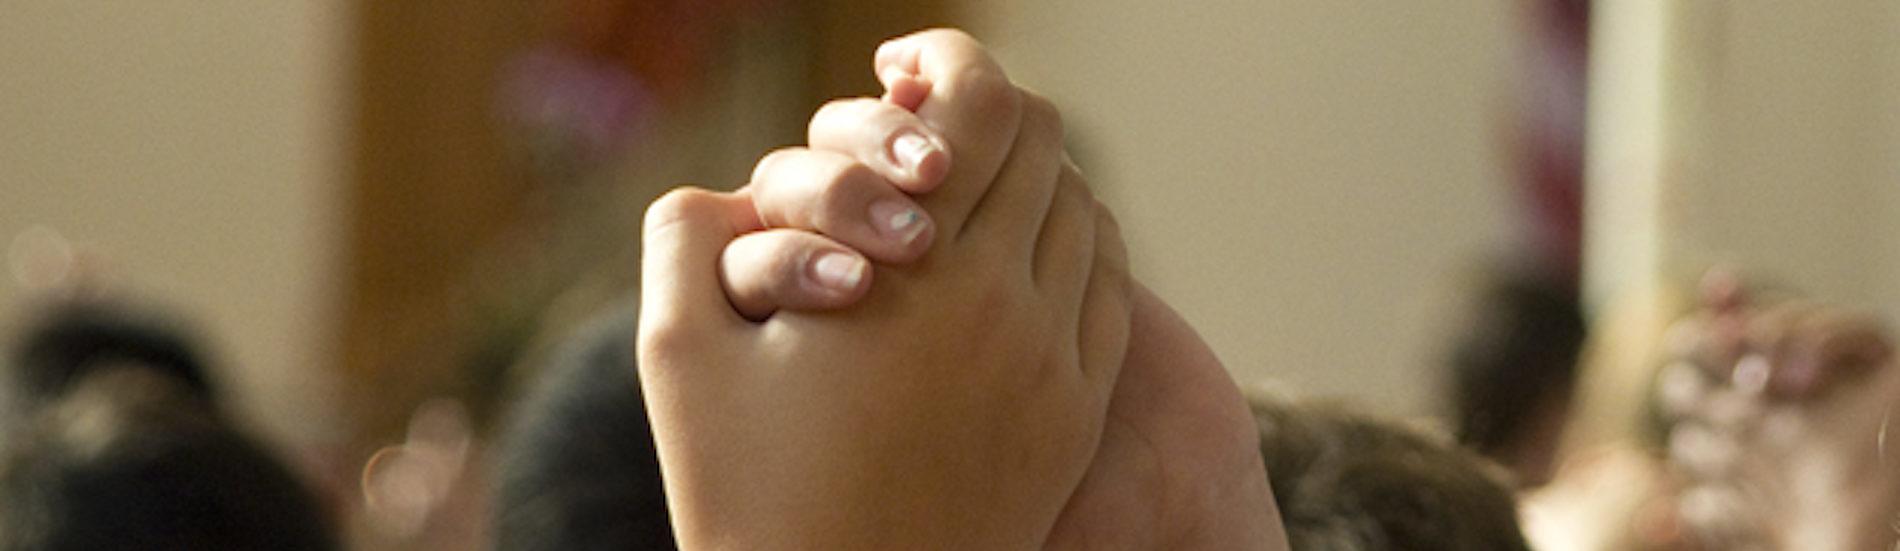 Mass Hands